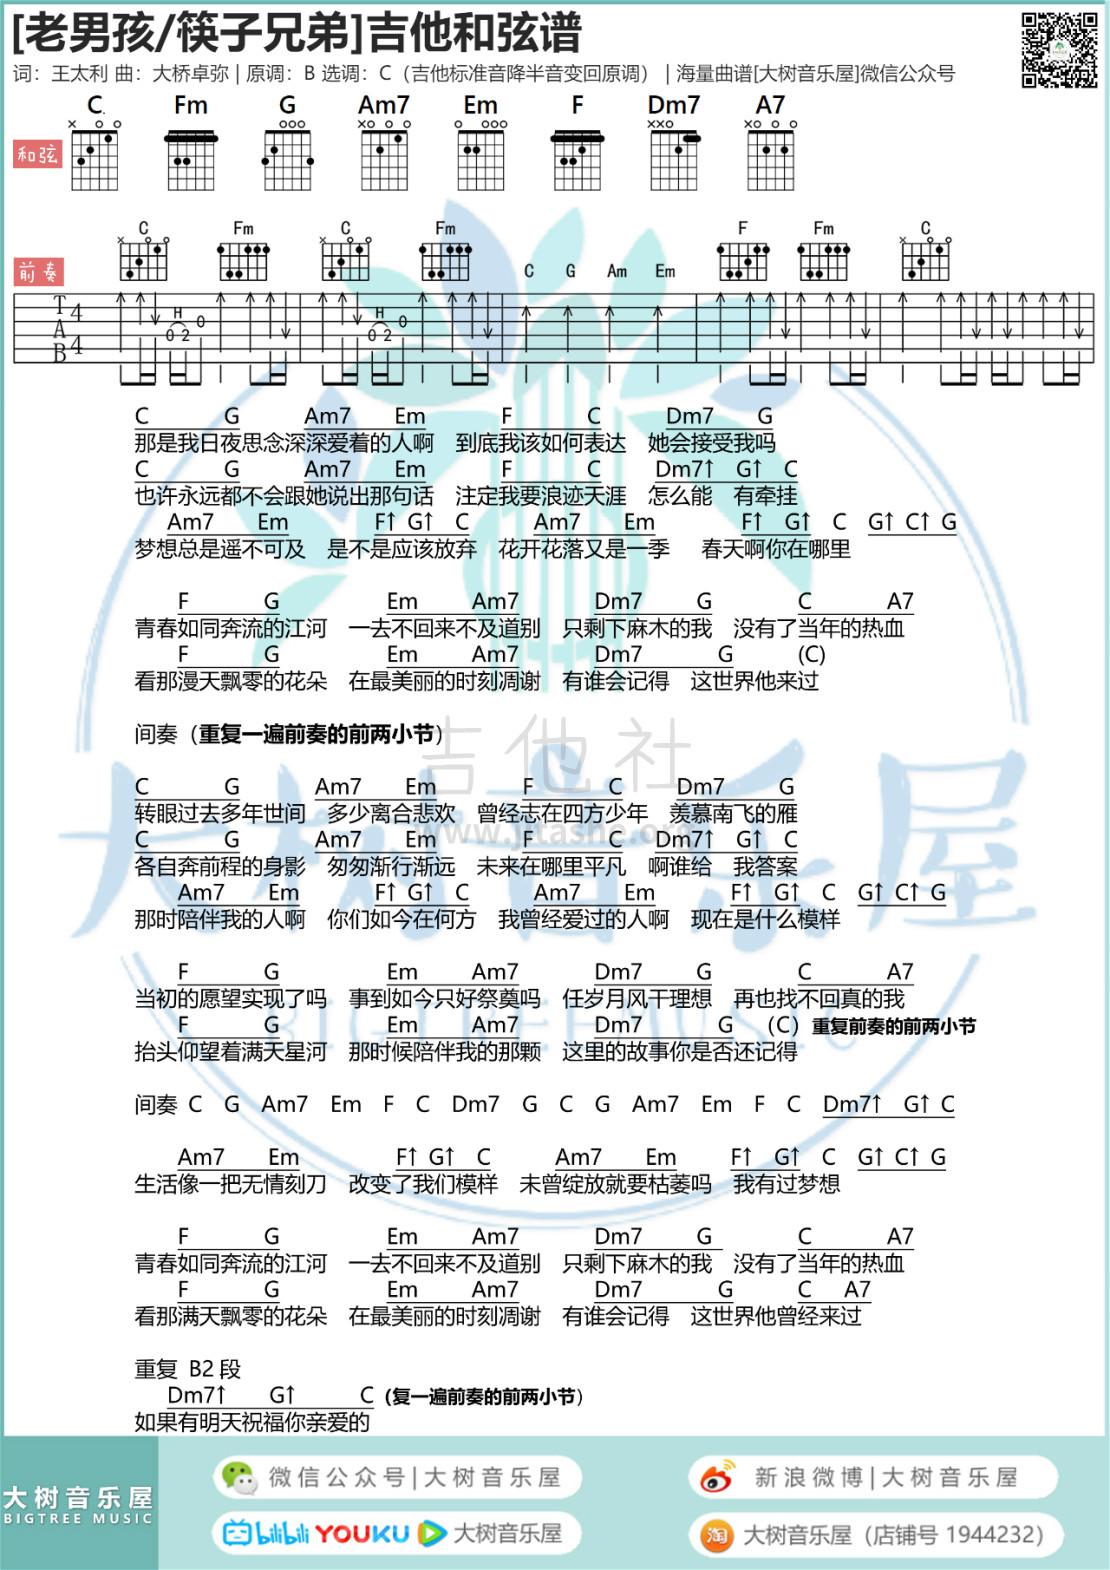 老男孩(大树音乐屋)吉他谱(图片谱,弹唱)_筷子兄弟(肖央;王太利)_老男孩和弦谱.jpg